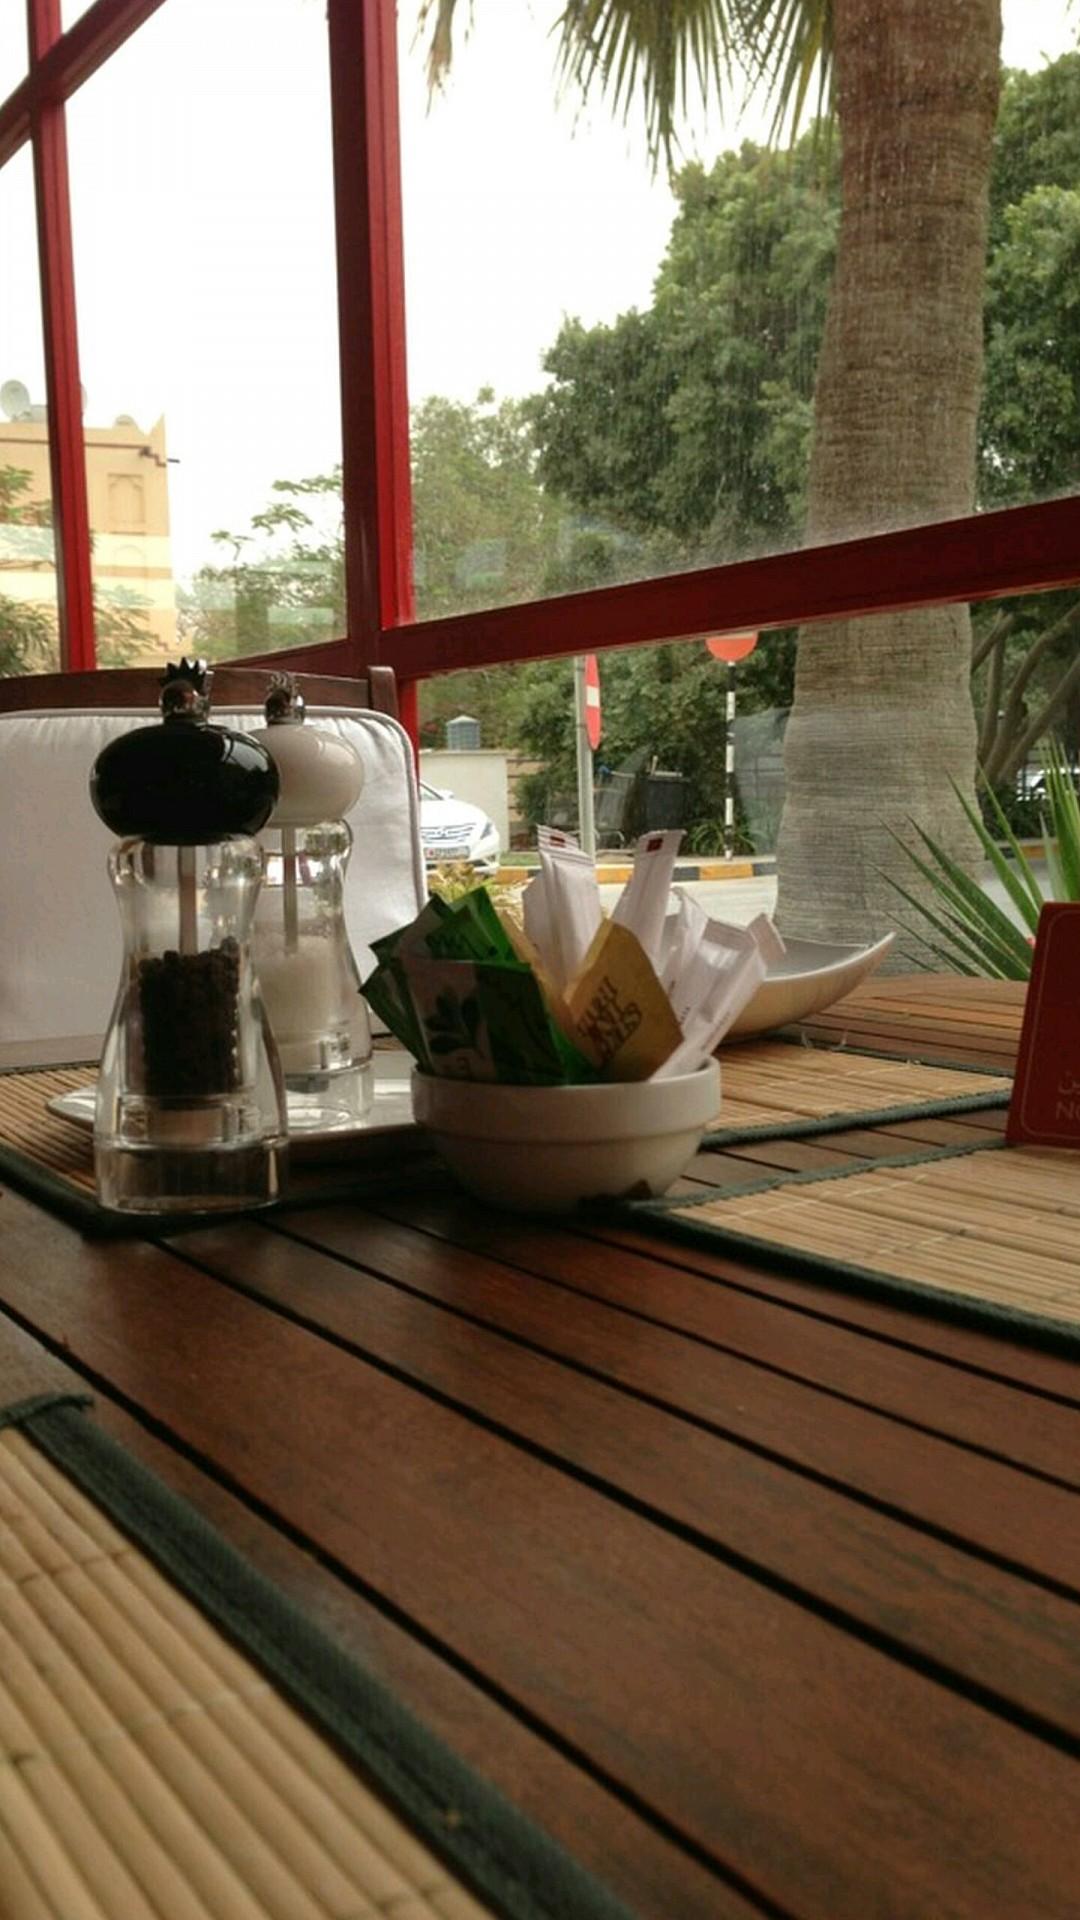 #gusto #budayia @ Gusto pizzeria - Bahrain